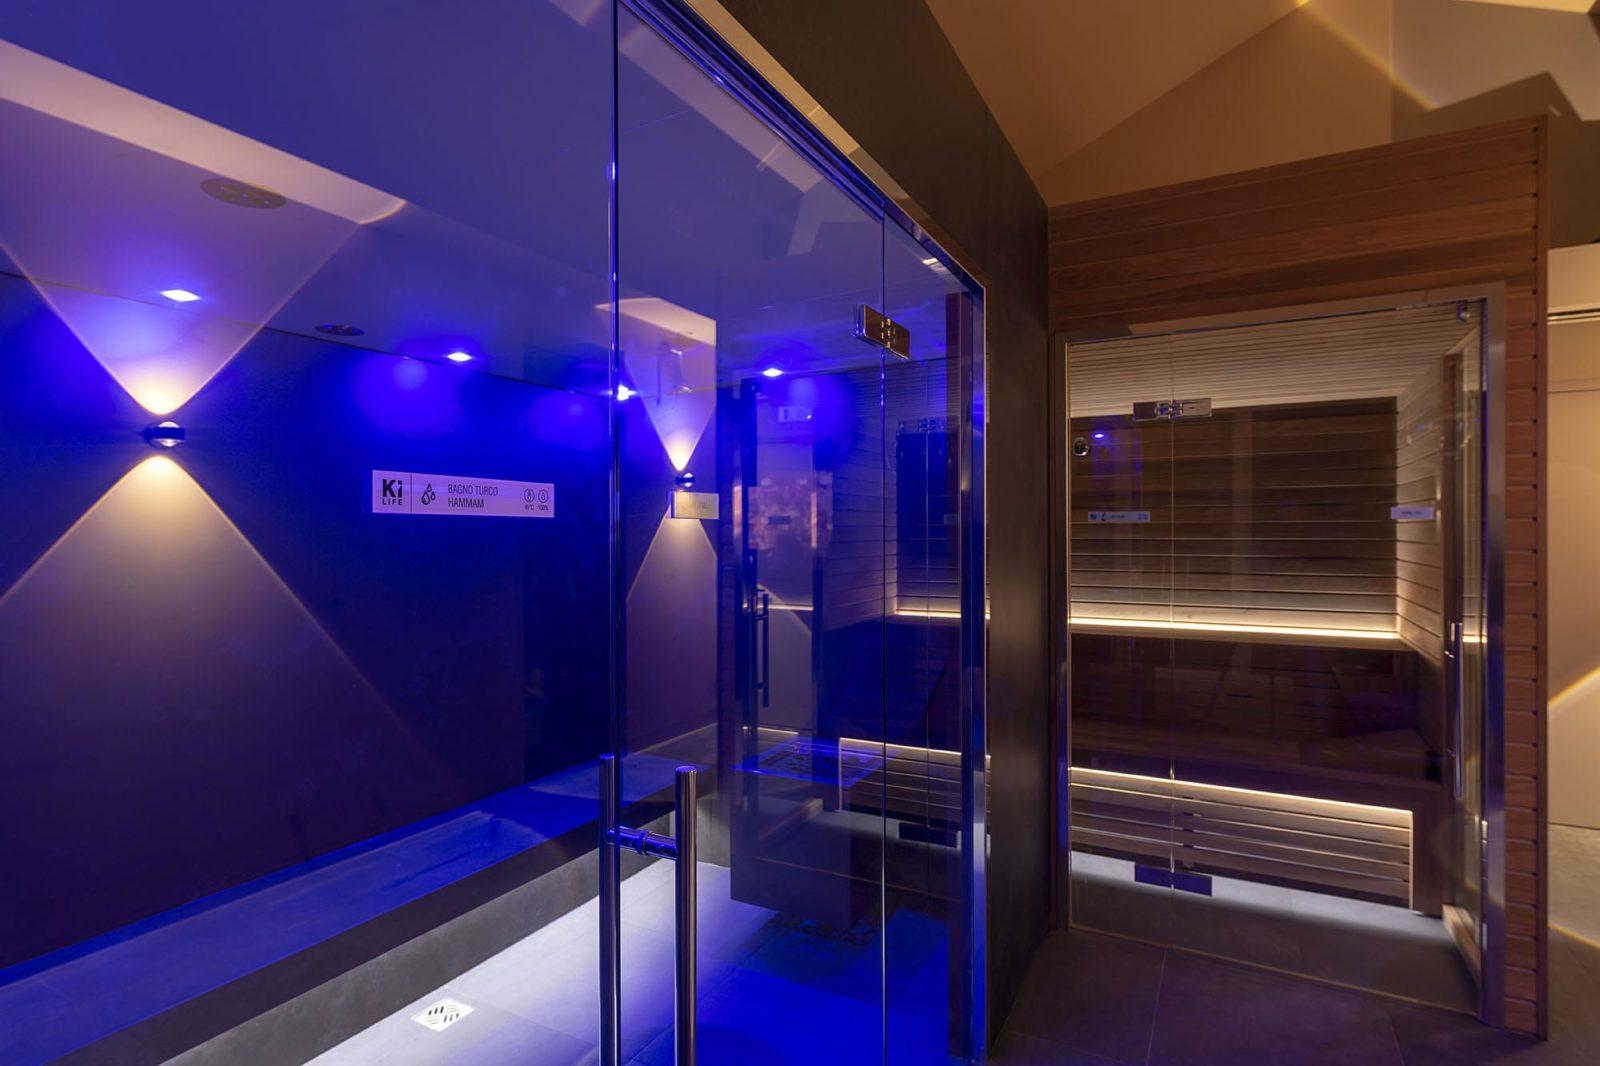 Bagnoturco Sauna Hortenberg3